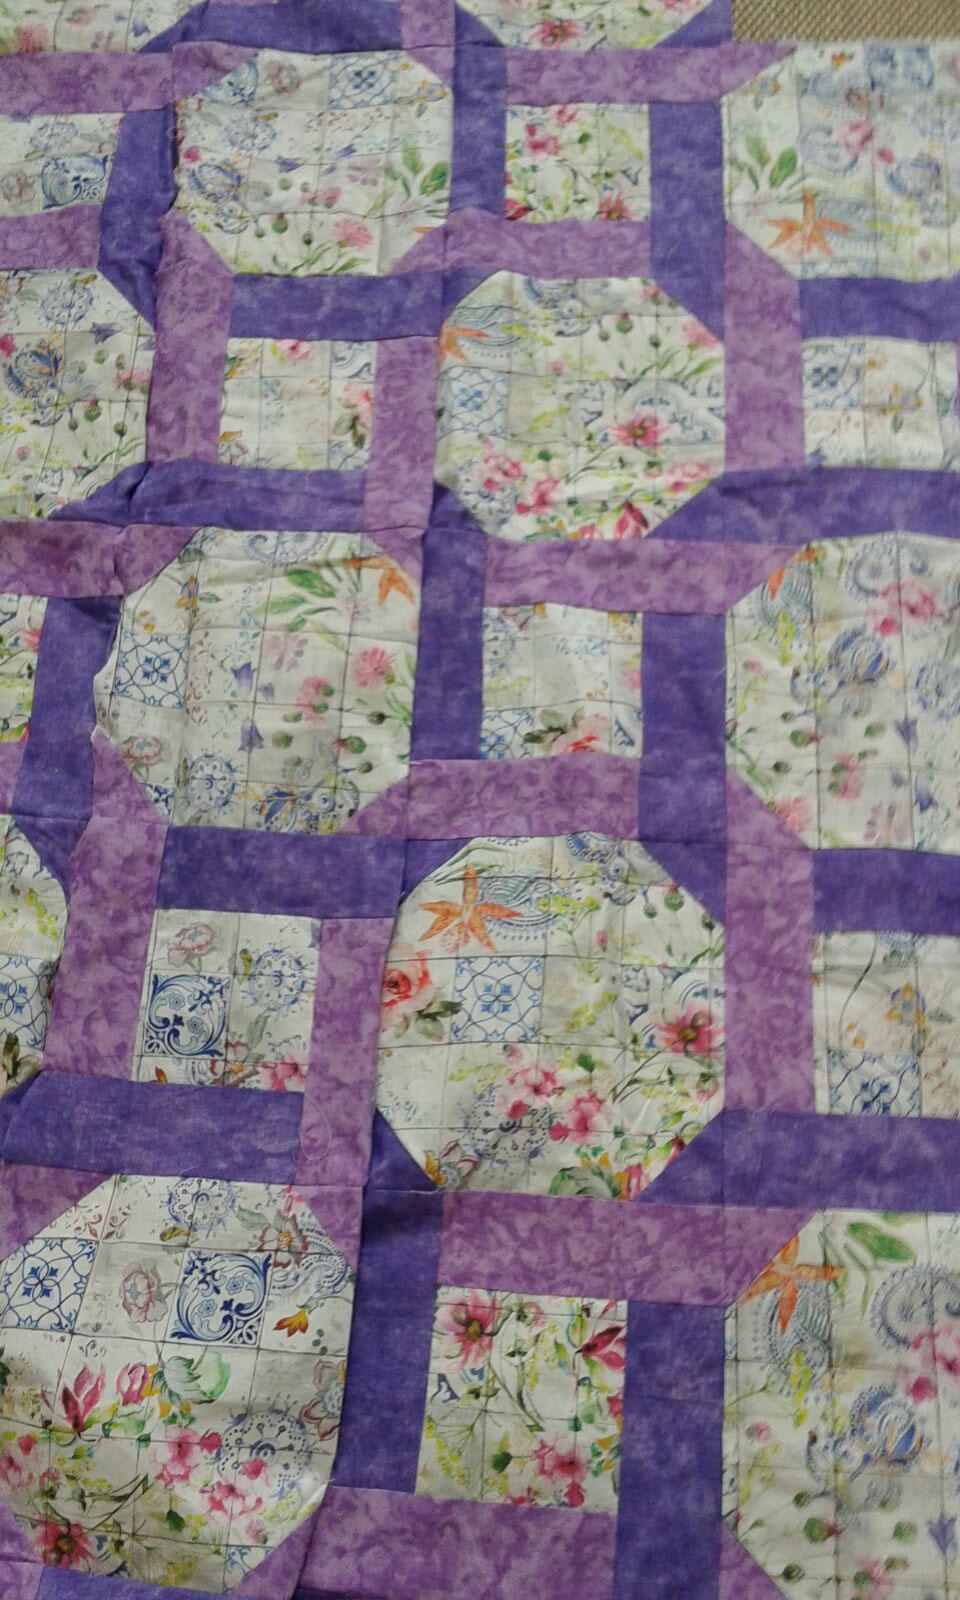 Kiloztejidos colcha patchwork - Colcha patchwork ...